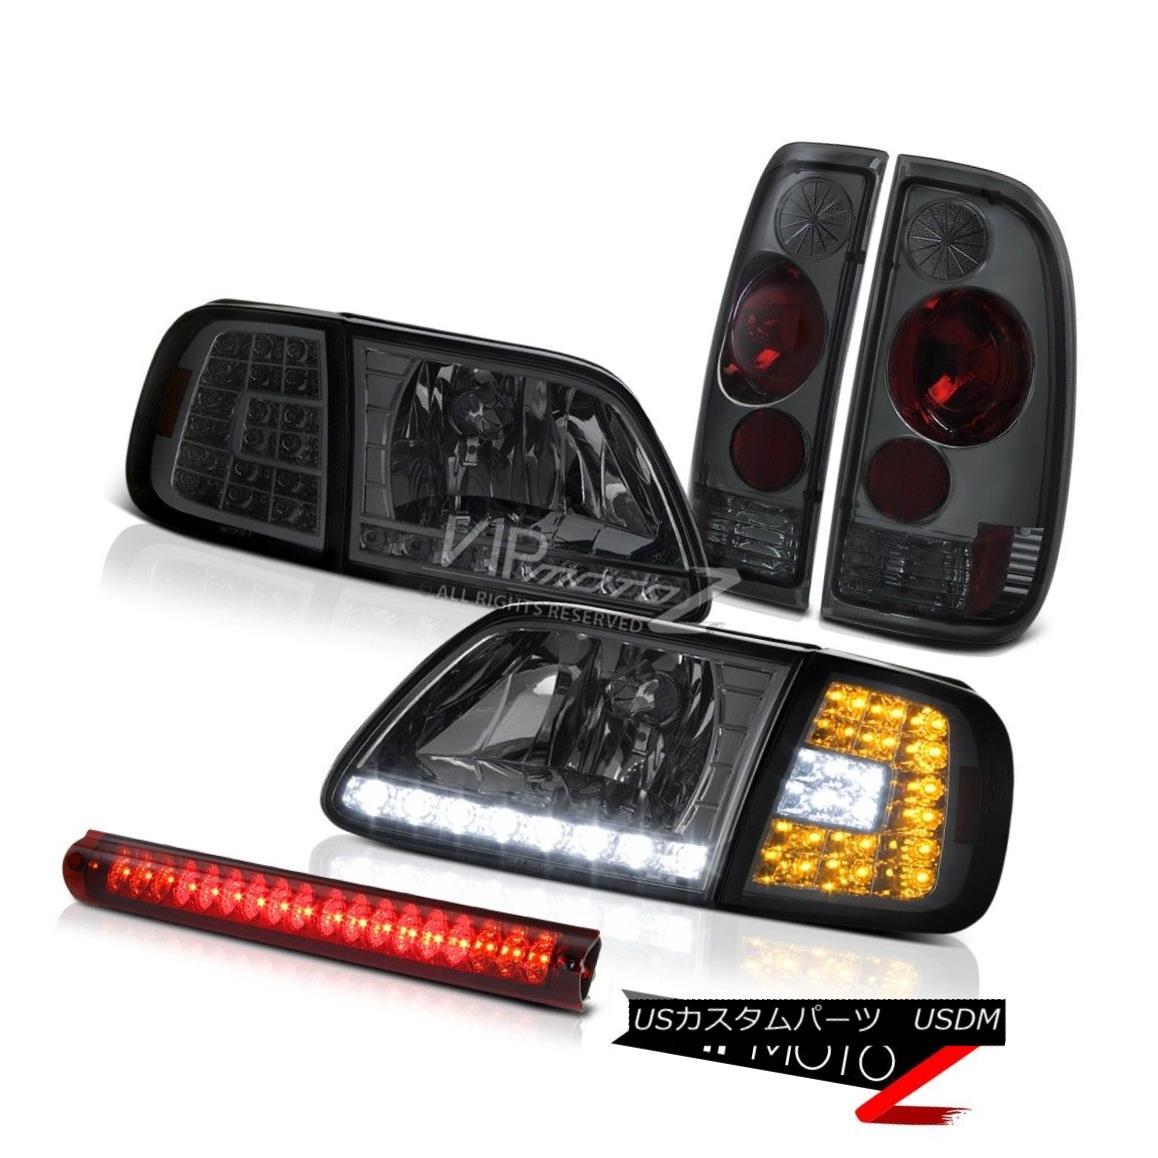 ヘッドライト 1997-2003 Ford F150 Corner SMD DRL Headlights Smoke Tail Lamps 3rd Brake Red LED 1997-2003フォードF150コーナーSMD DRLヘッドライトスモークテールランプ第3ブレーキ赤色LED